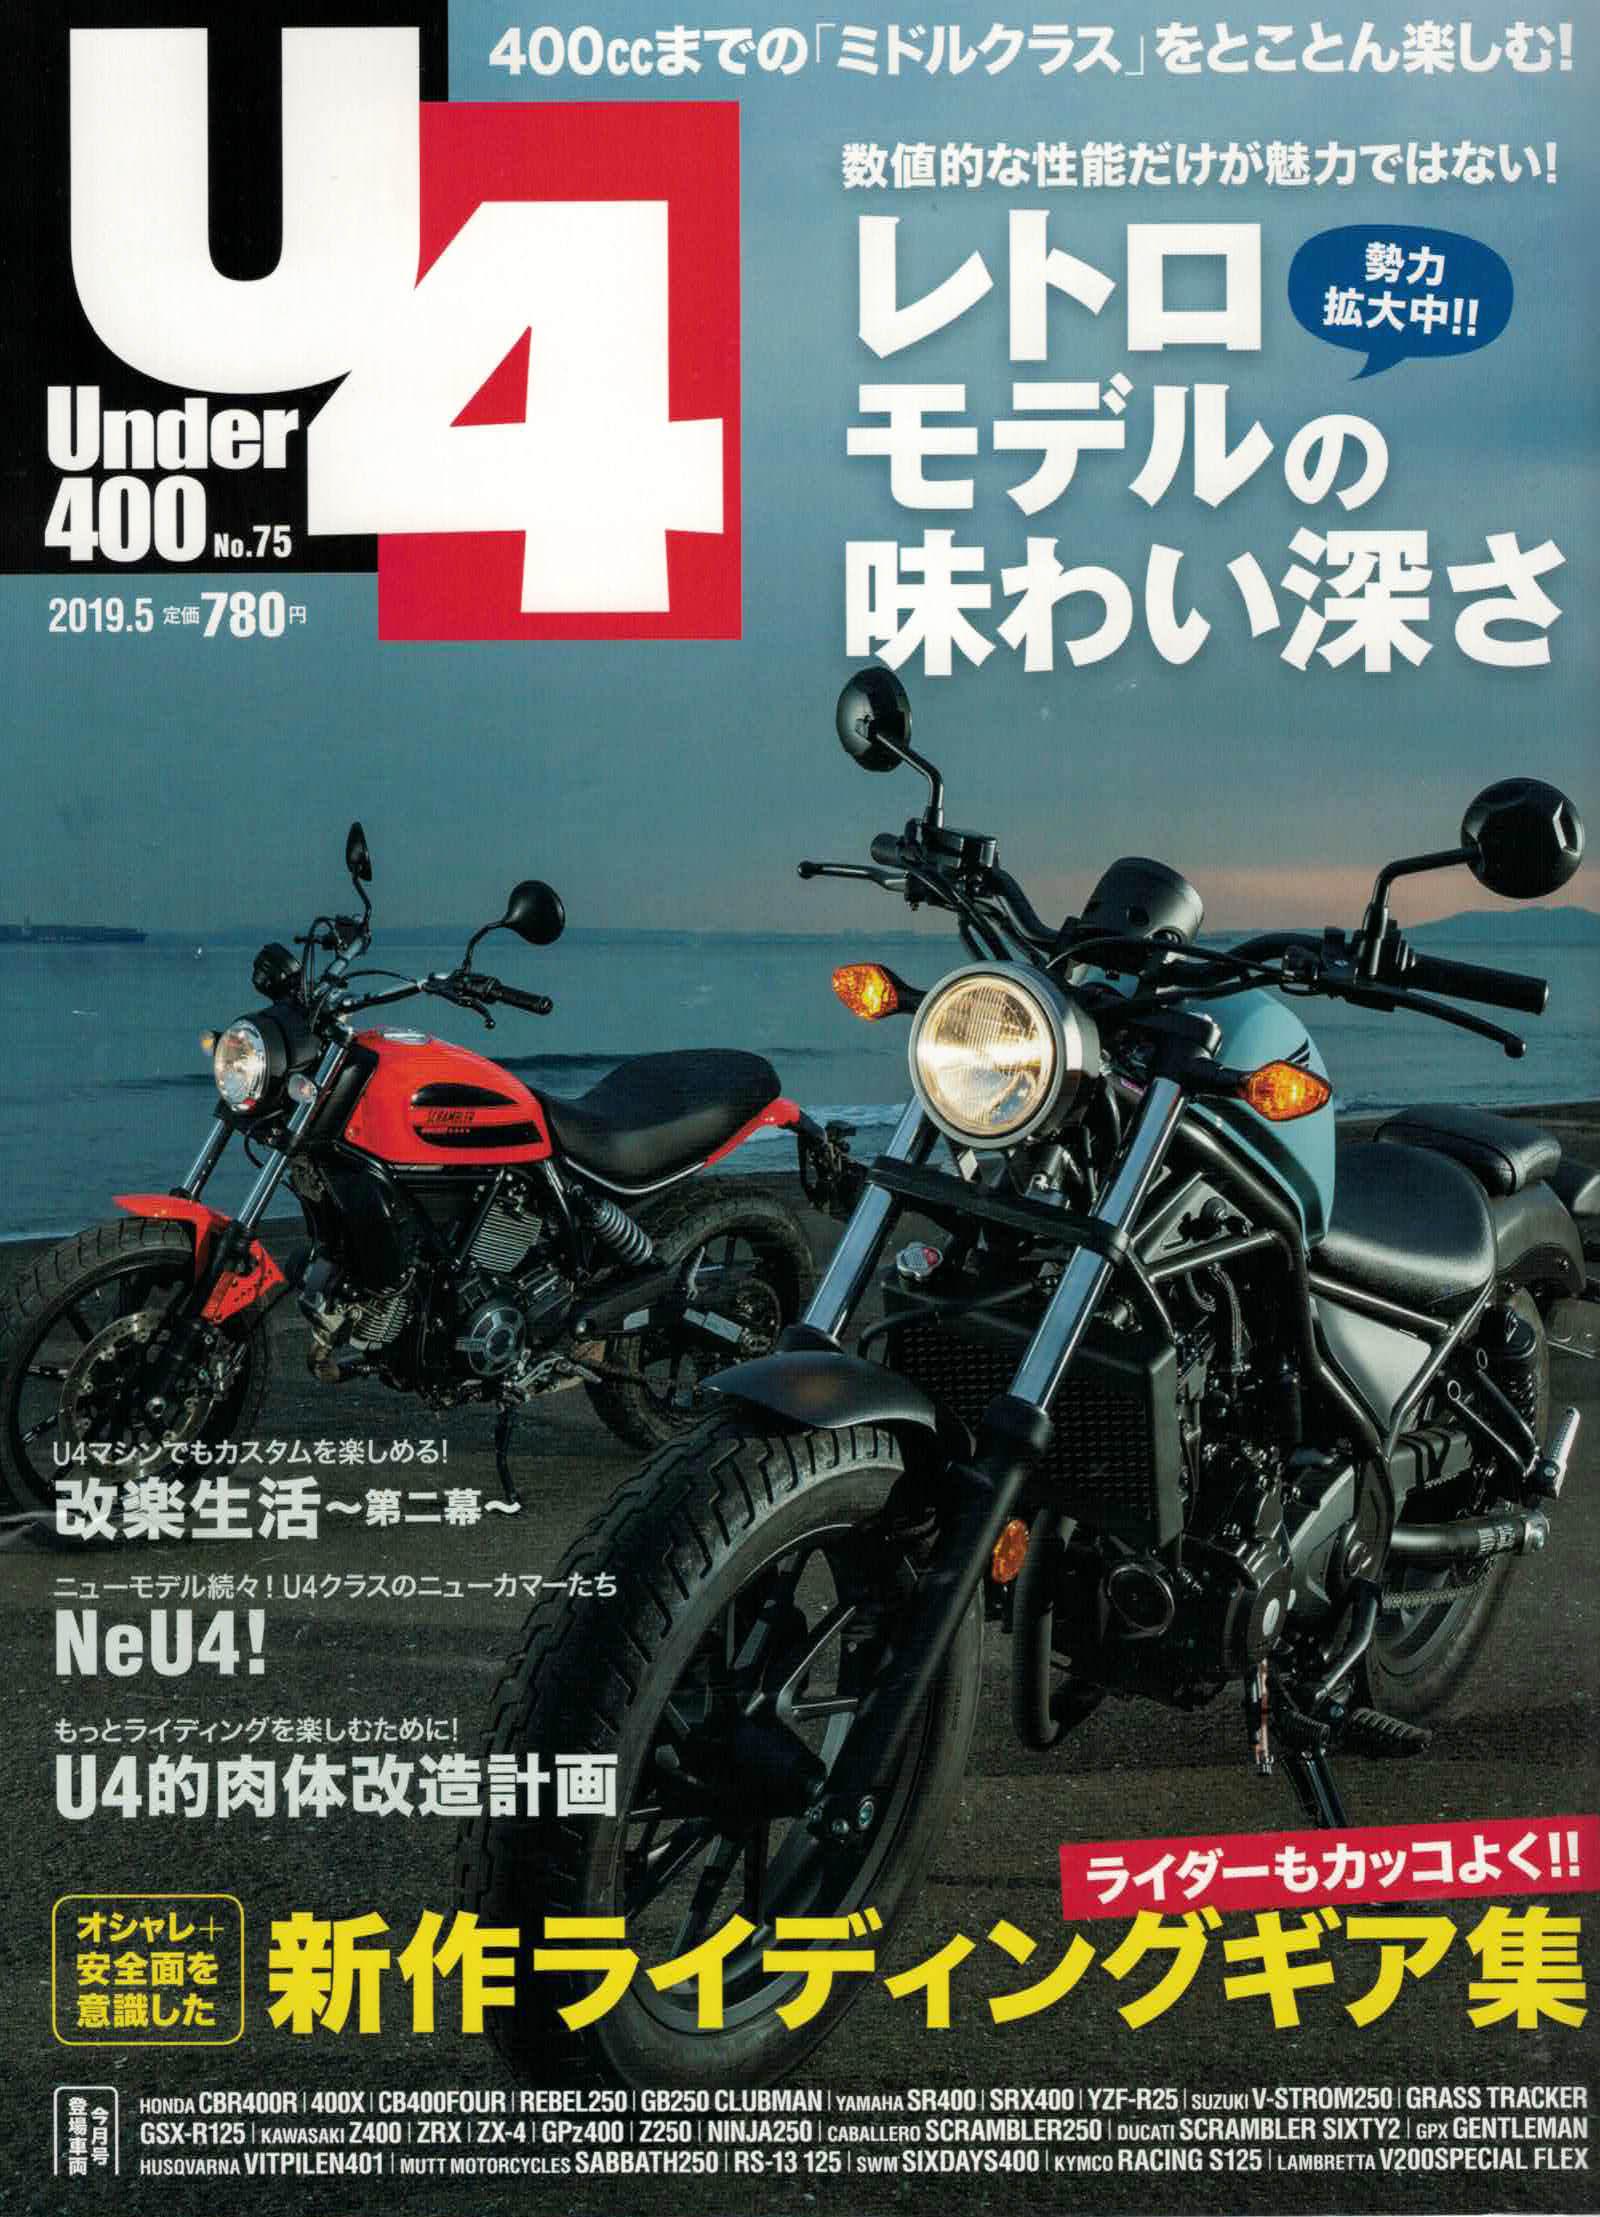 【Under400 5月号掲載】Lambretta V200Special、CABALLERO SCRAMBLER250、PANDO MOTO